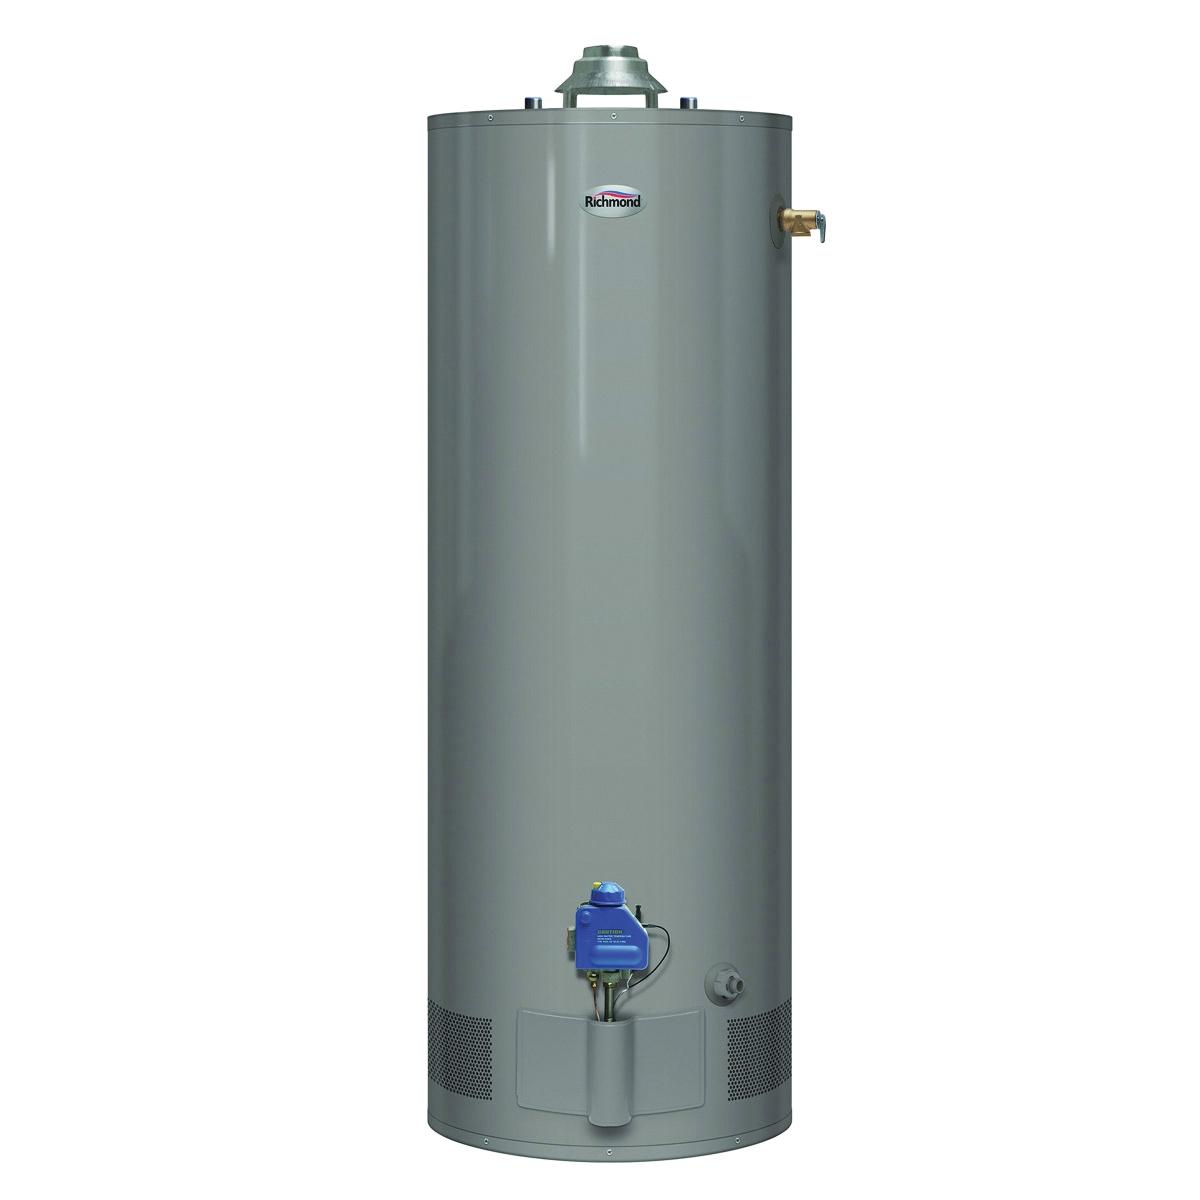 Picture of Richmond Essential 6G30-32F3 Gas Water Heater, Natural Gas, 29 gal Tank, 52 gph, 32000 Btu/hr BTU, Dark Warm Gray